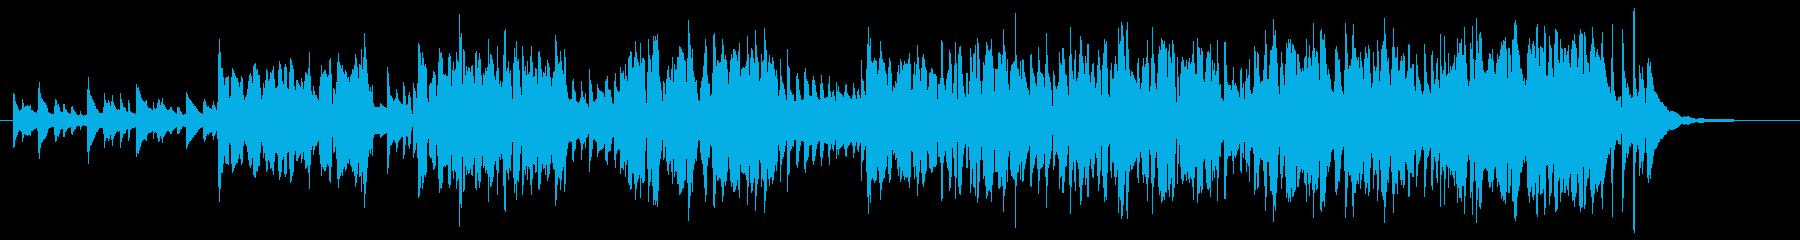 虫のようなオッサンの再生済みの波形